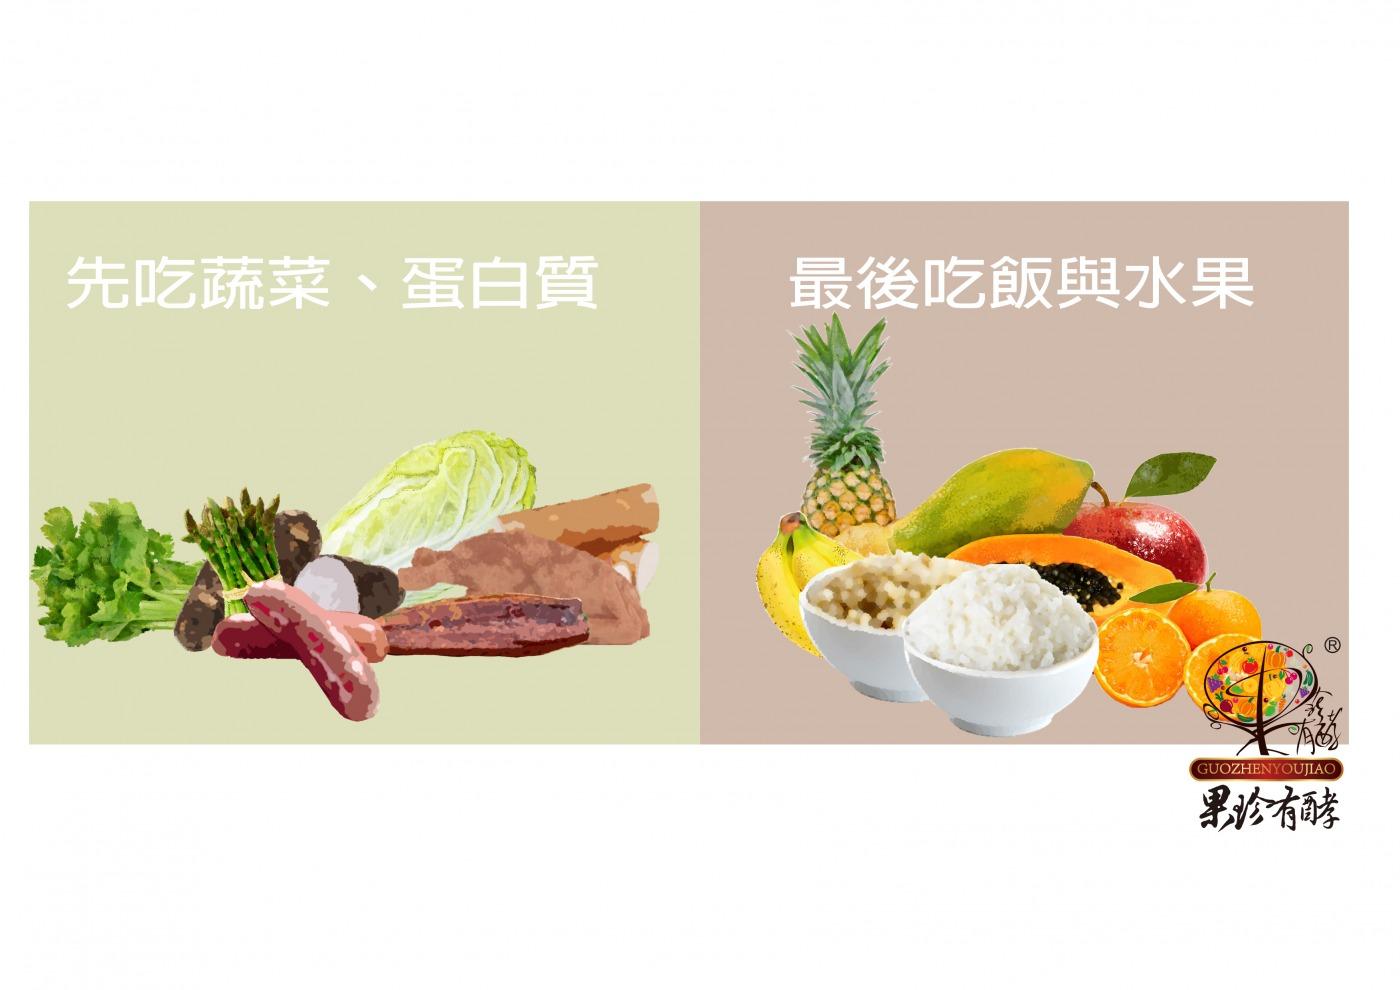 先吃蛋白質、蔬菜,再吃主食(澱粉類)